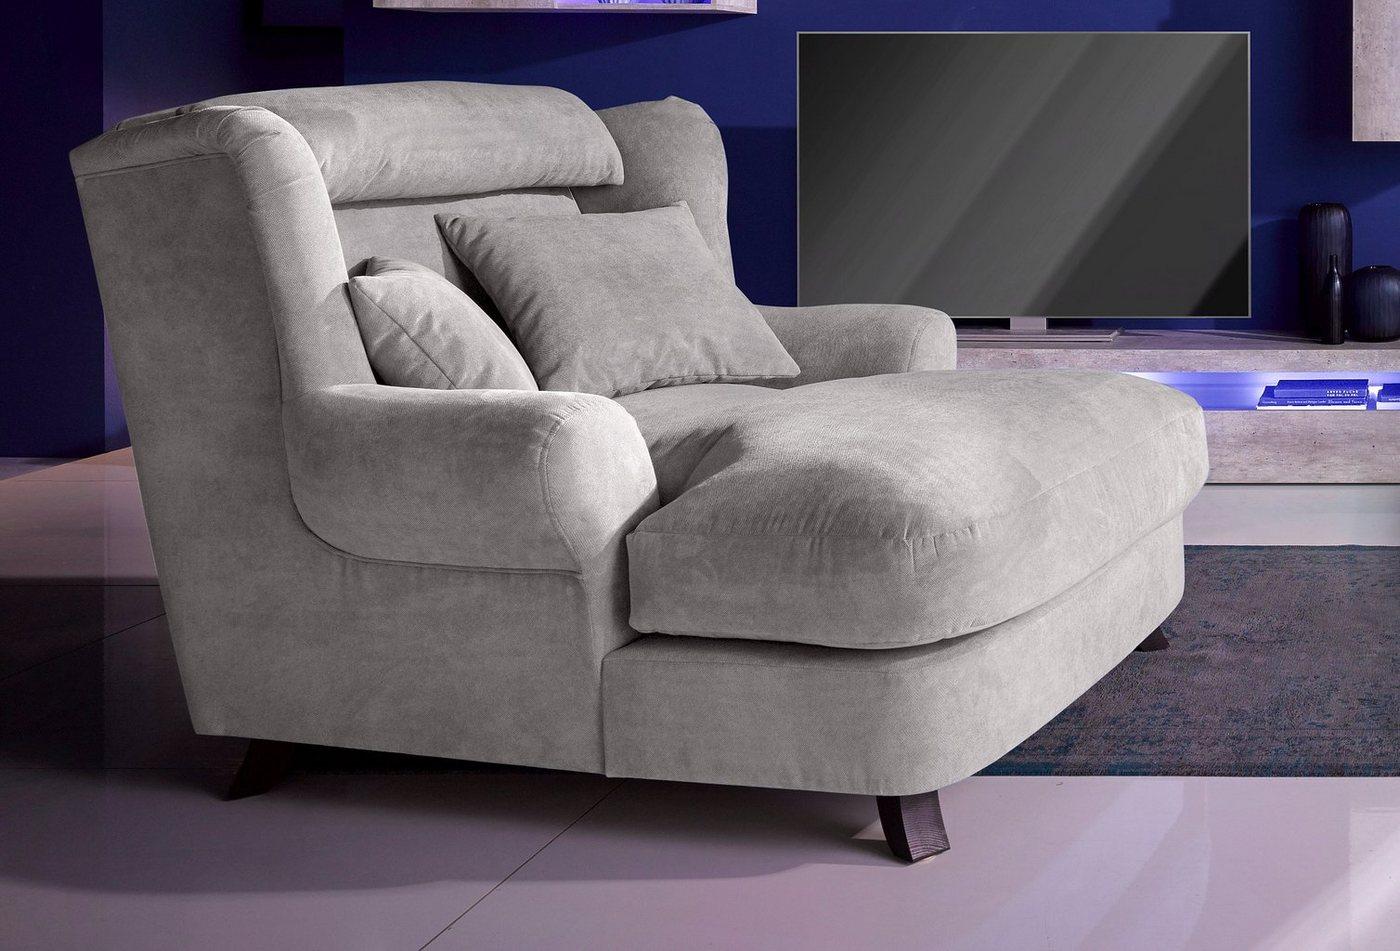 INOSIGN Mega-fauteuil voor 2 personen